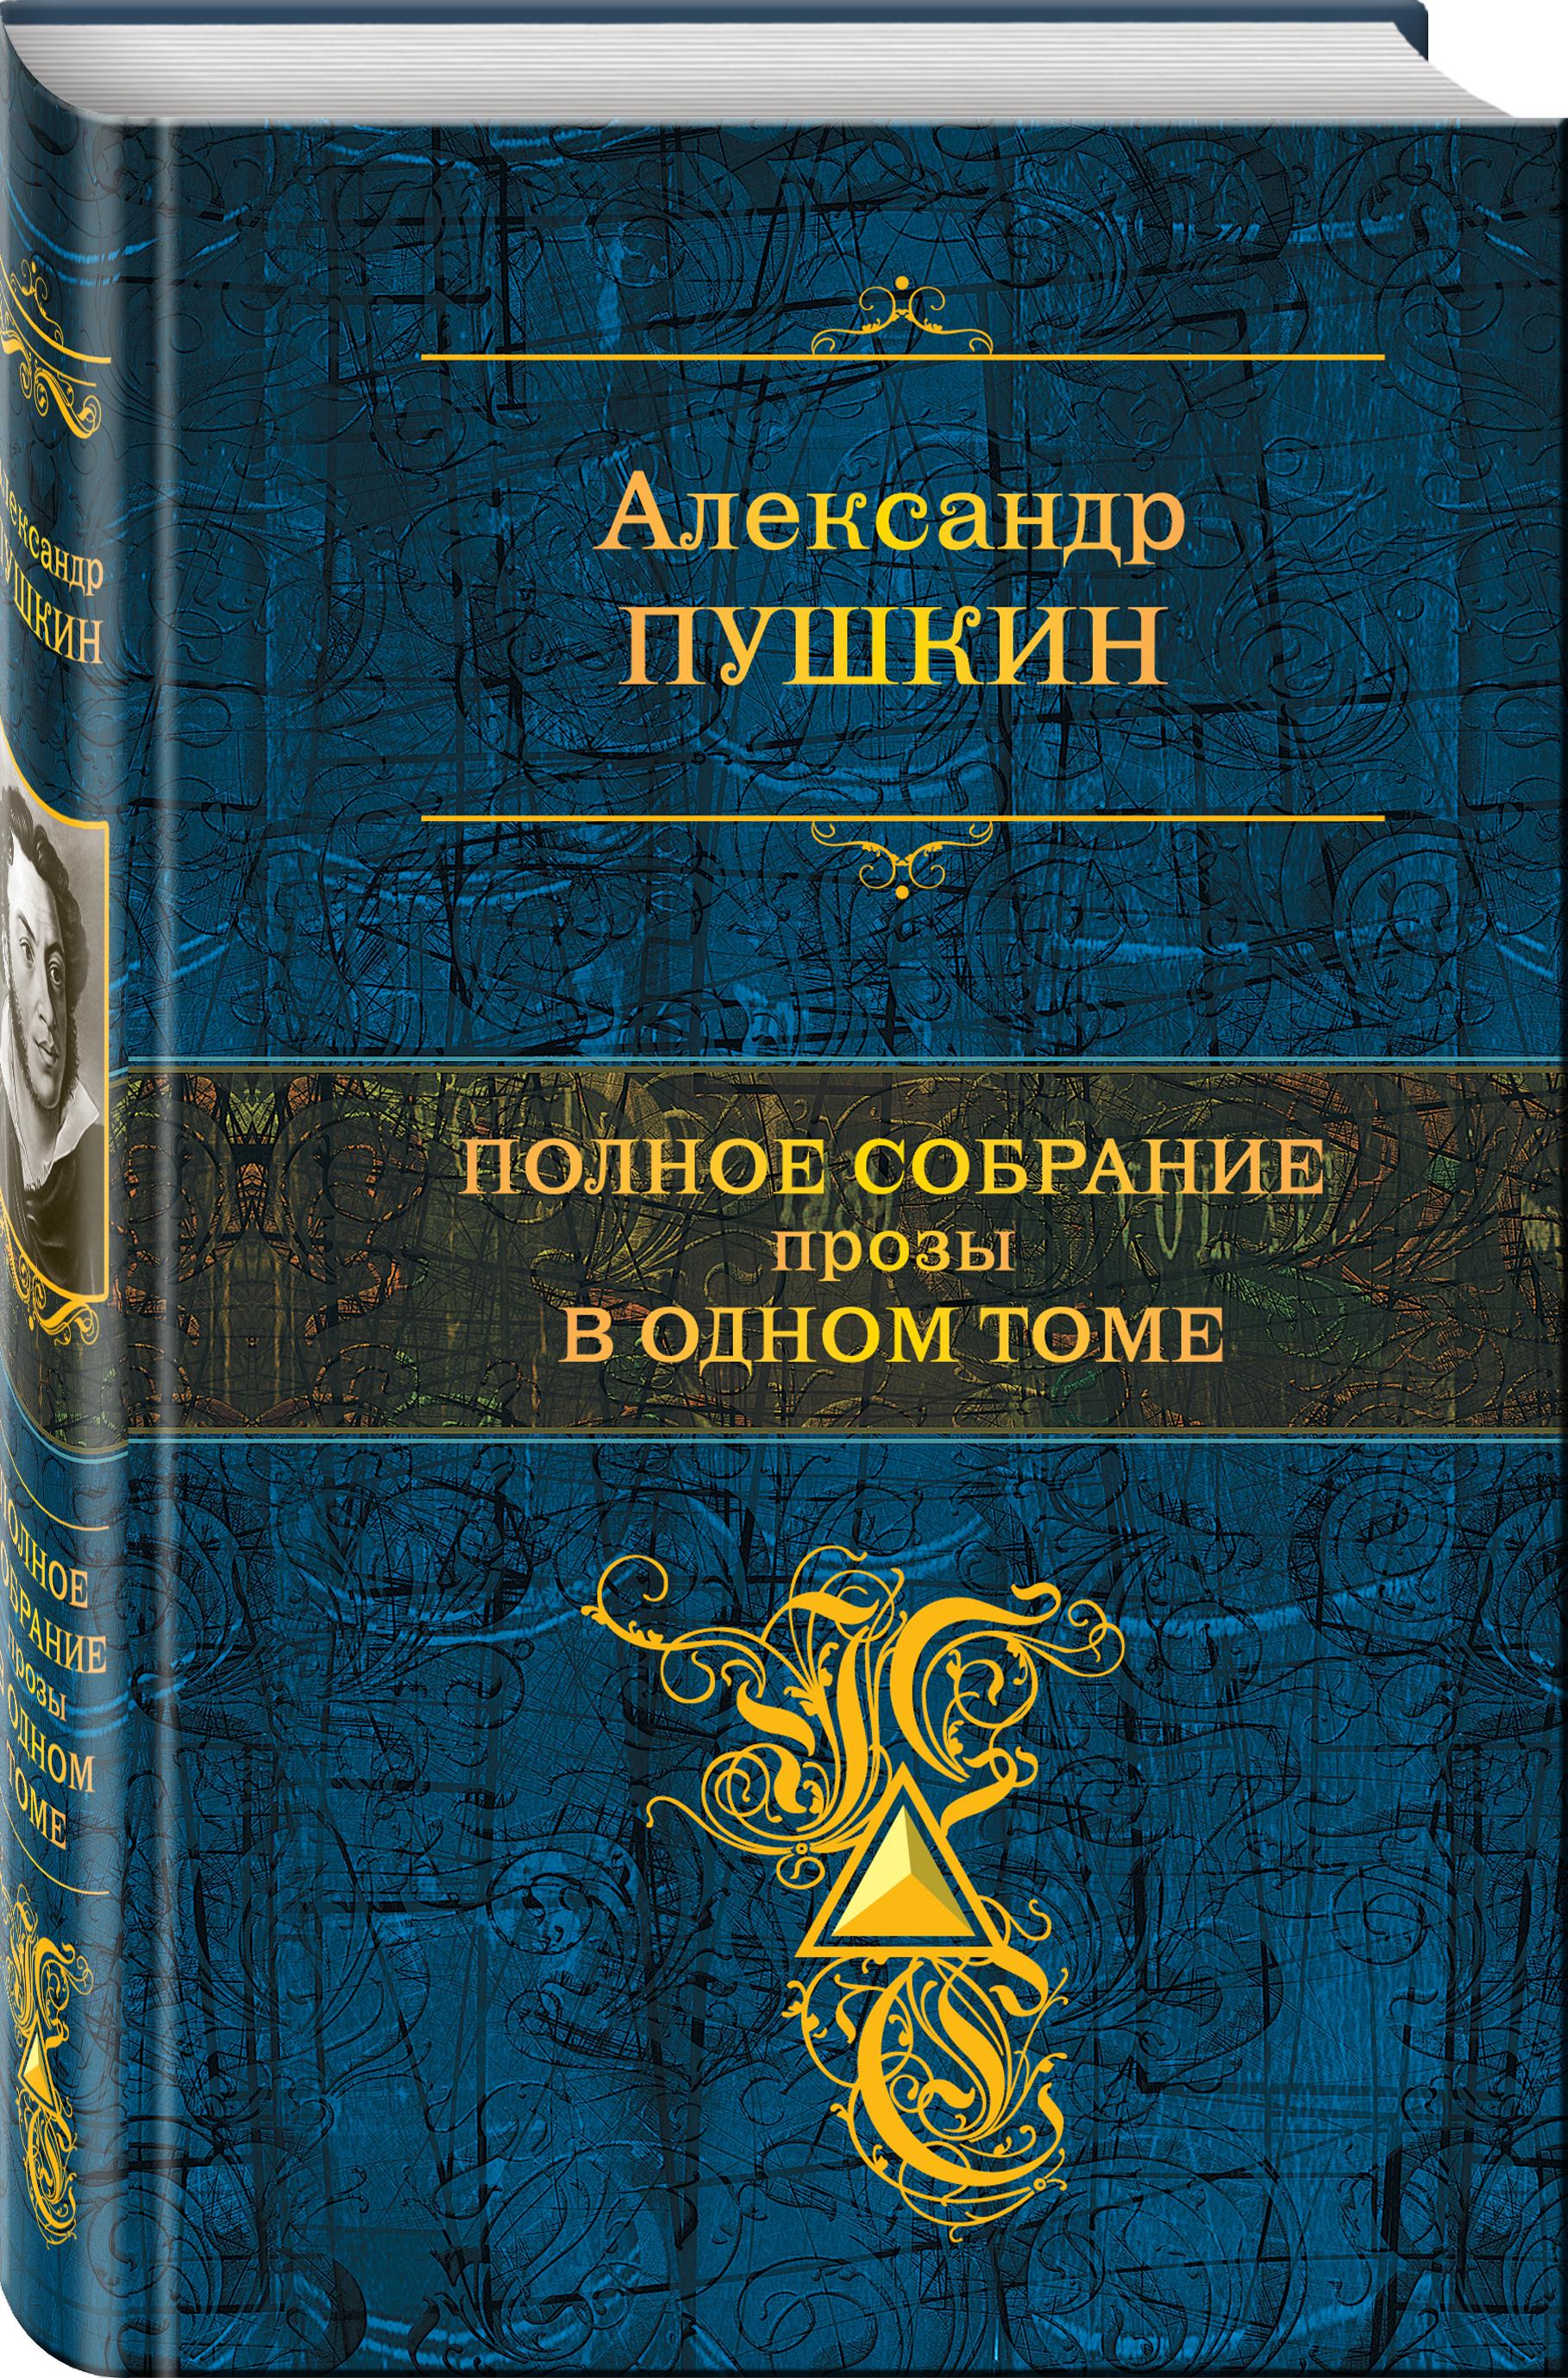 Пушкин А.С. Полное собрание прозы в одном томе пушкин а лирика